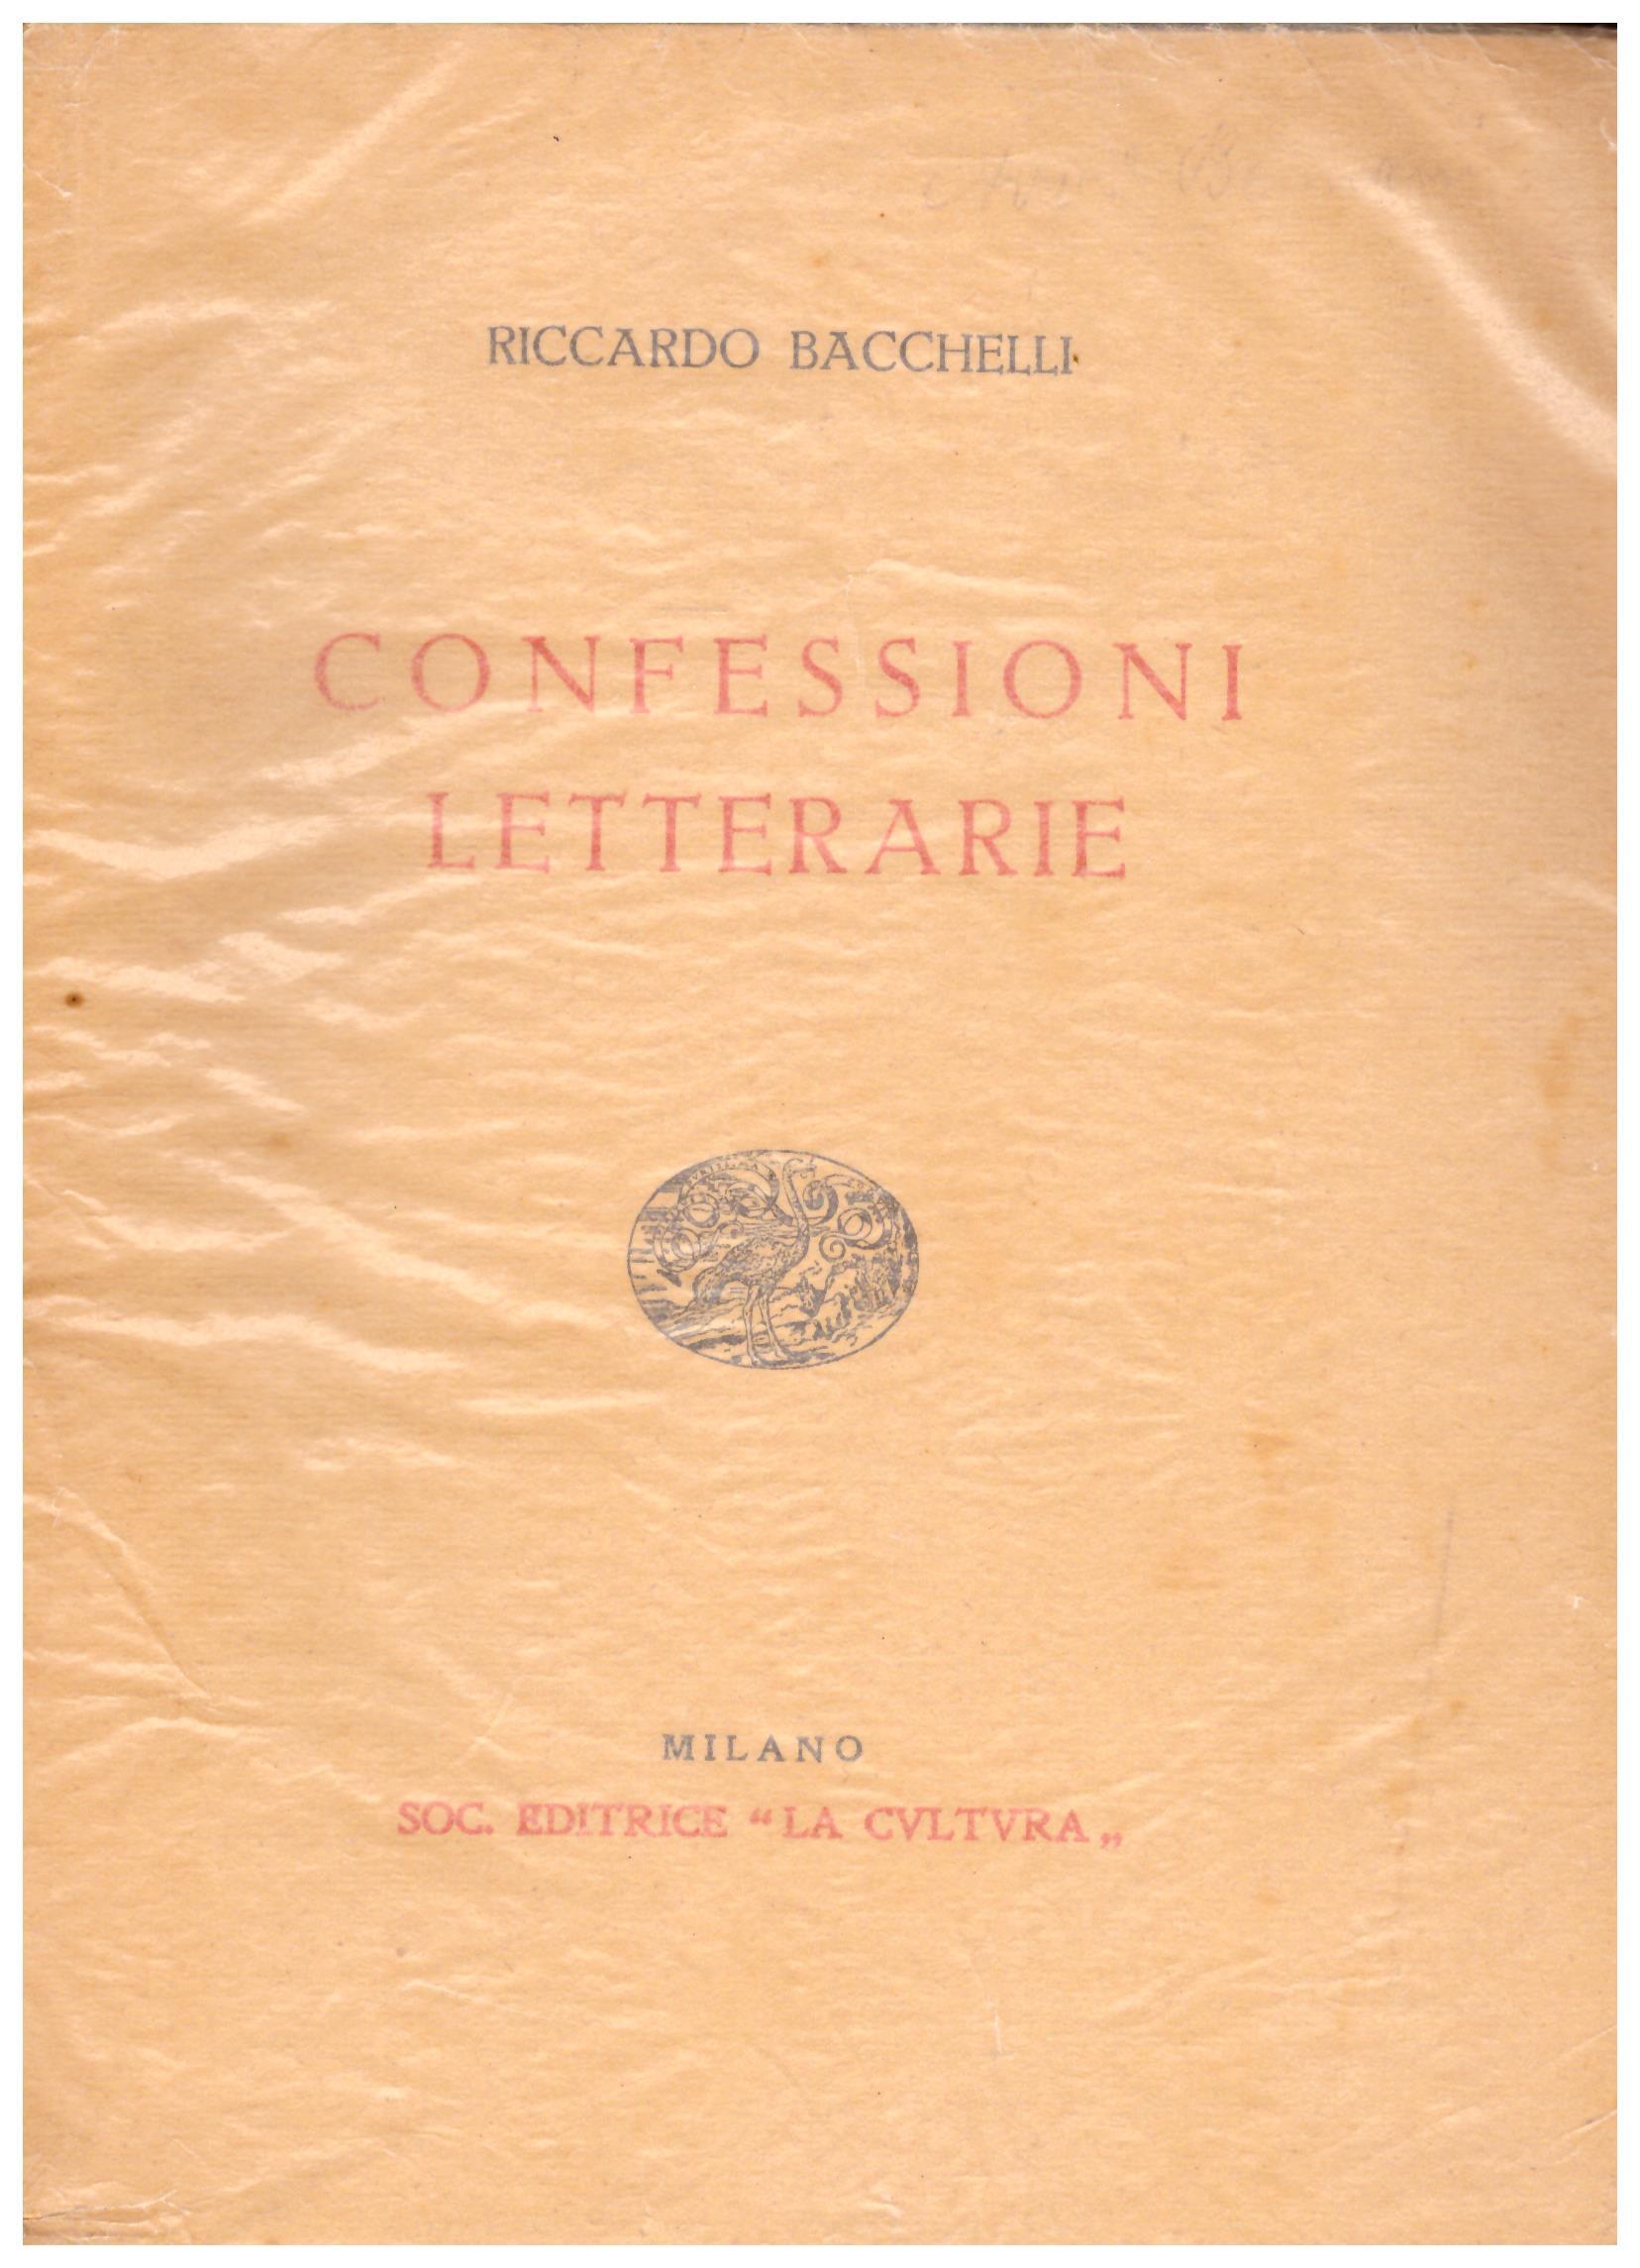 Titolo: Confessioni letterarie Autore: Riccardo Bacchelli Editore: Soc. editrice La cultura, esemplare numero 532/600 dicembre 1932